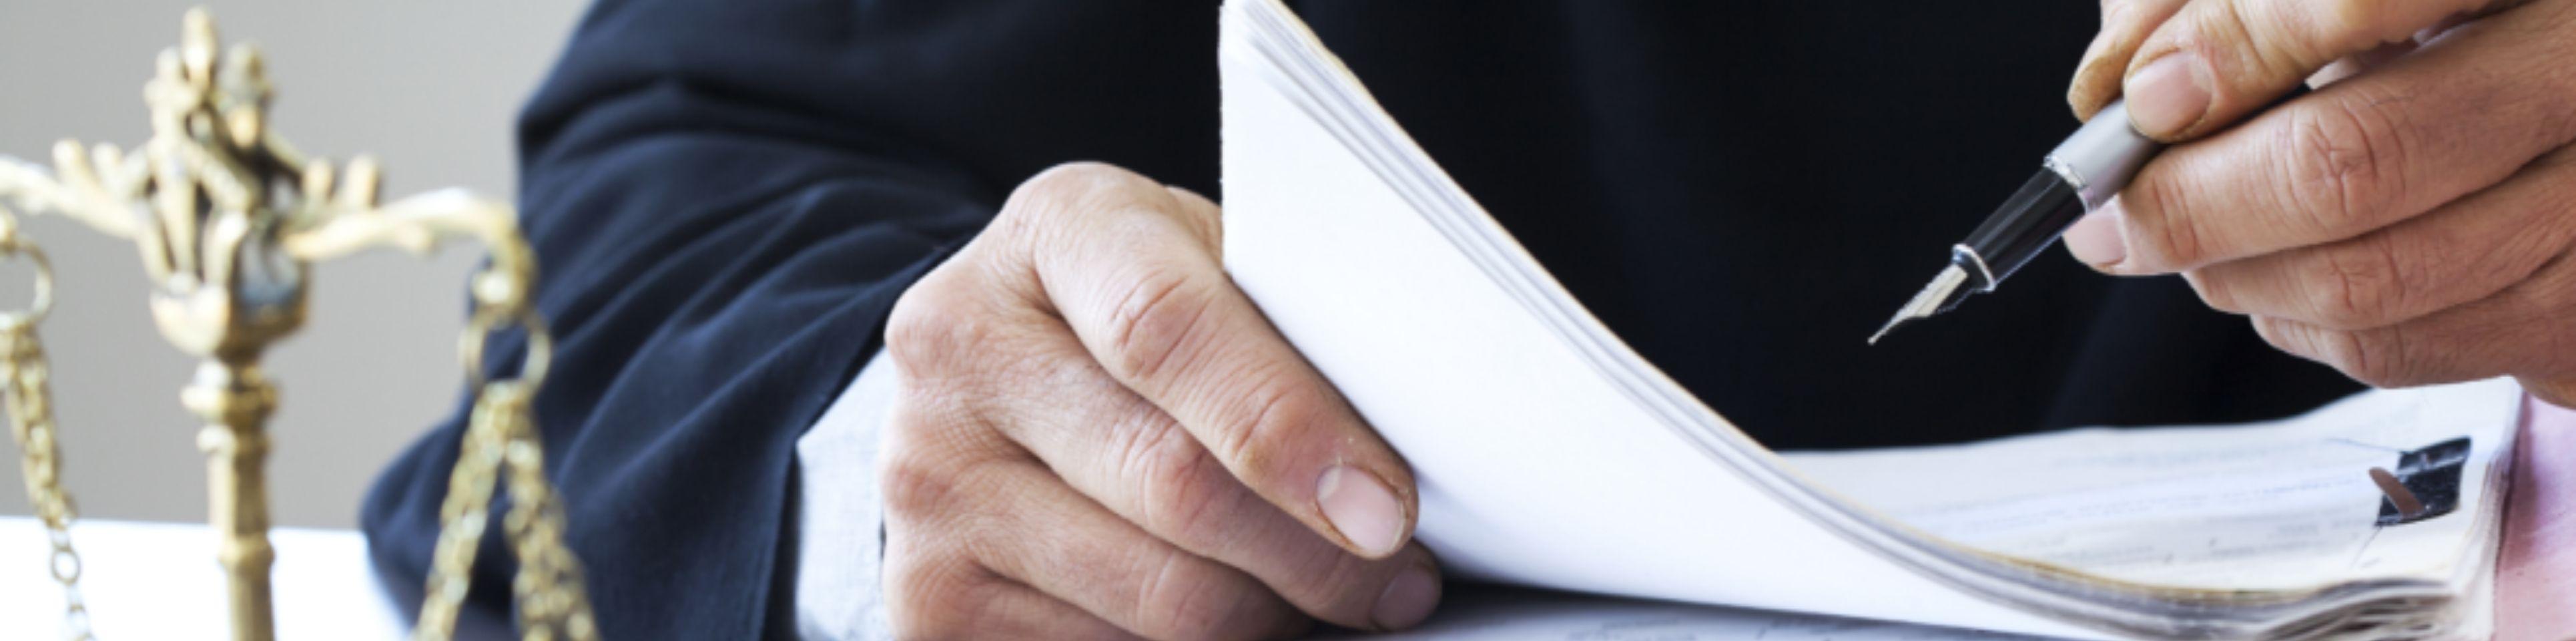 Analyse des risques et accidents graves du travail, aspects juridiques